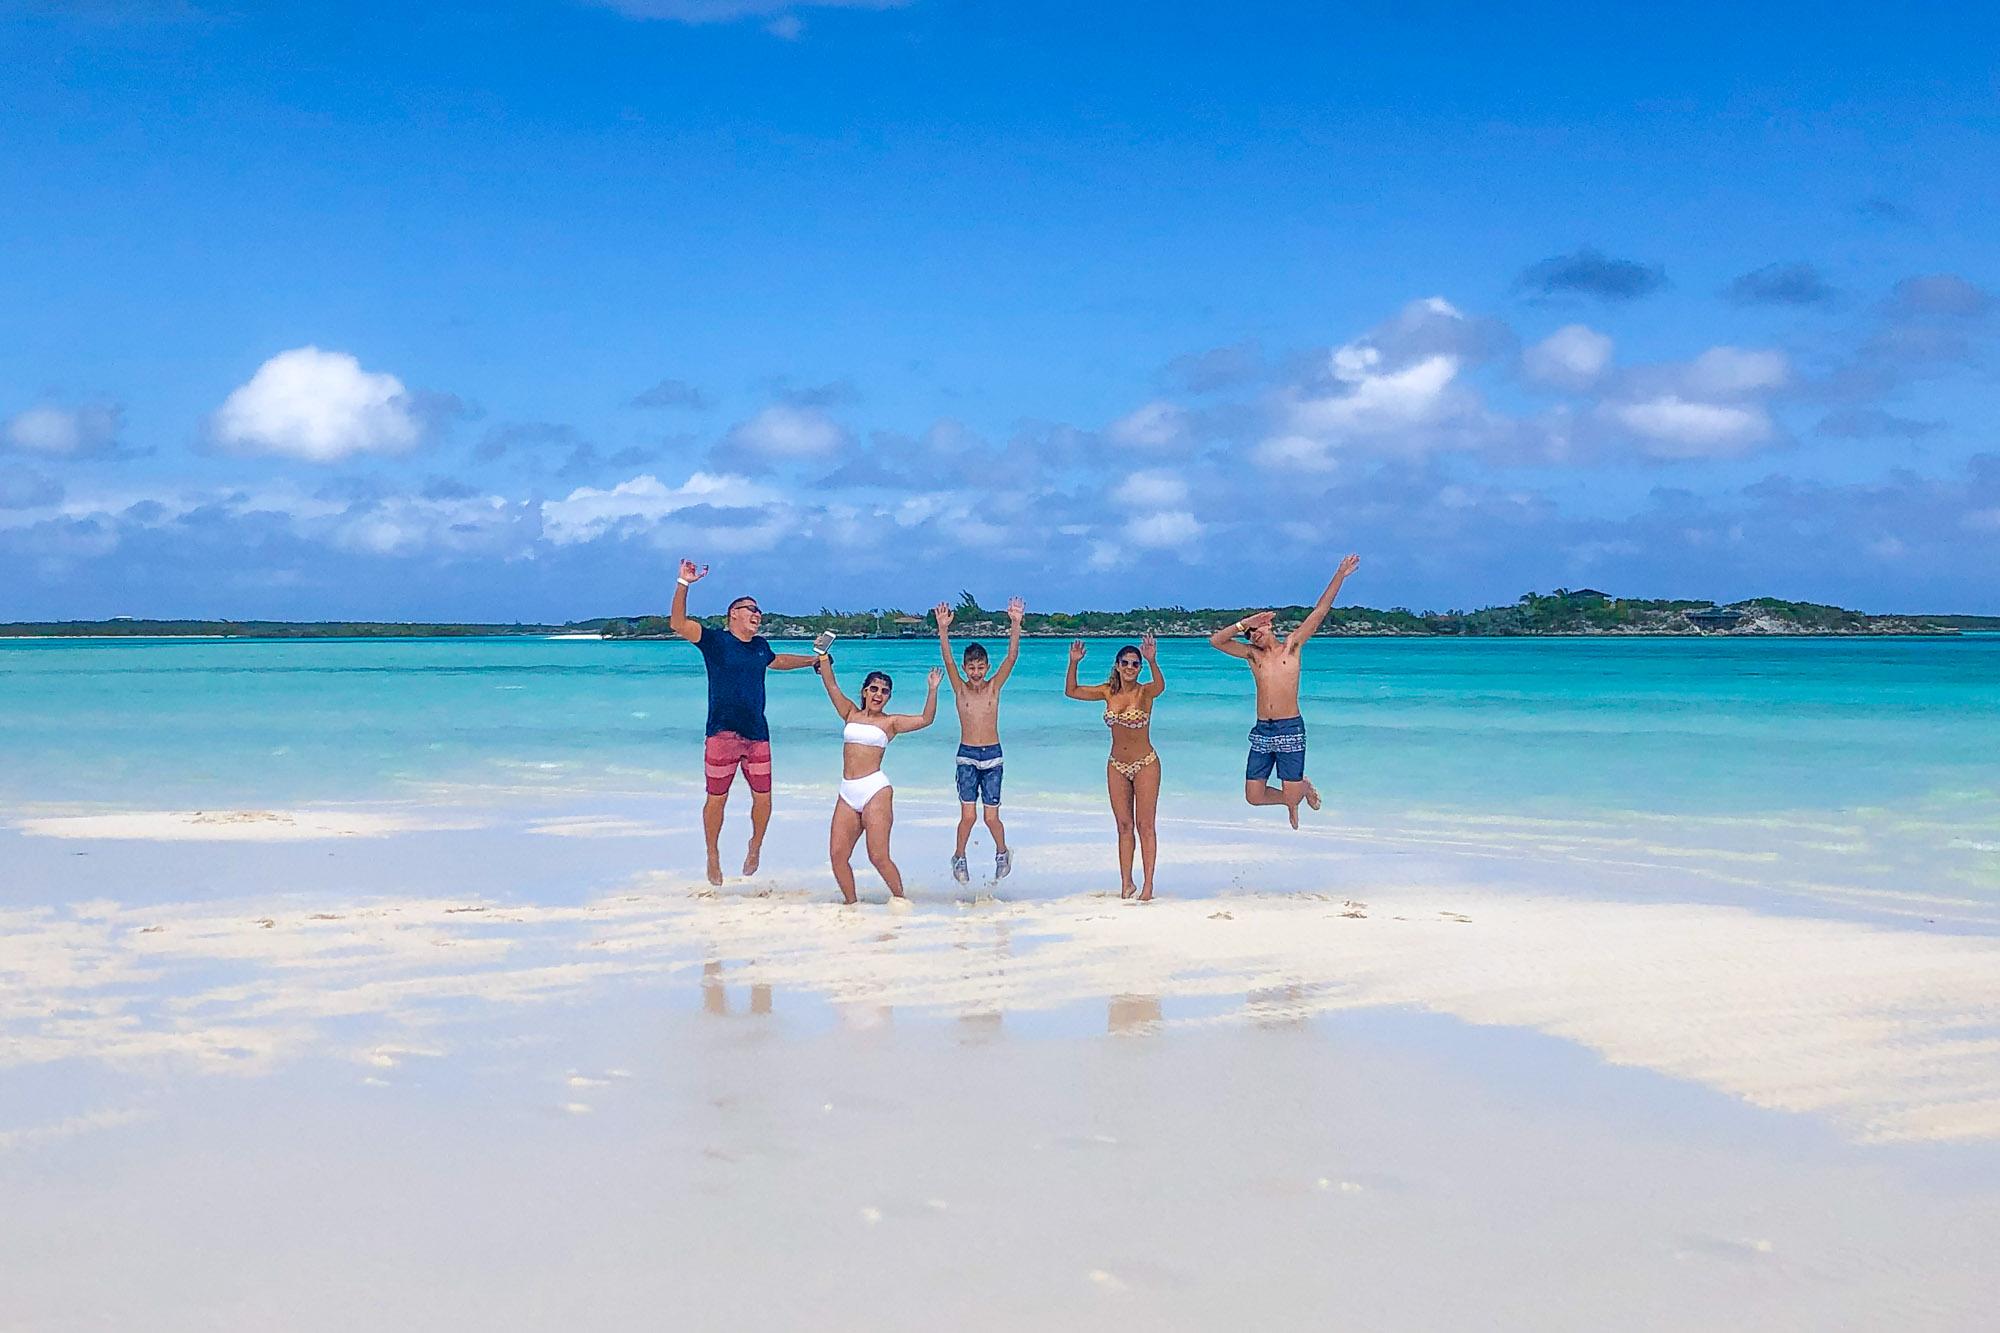 Family enjoying the Exuma Cays Sand Bar at Pipe Creek close to Staniel Cay Exuma Bahamas.